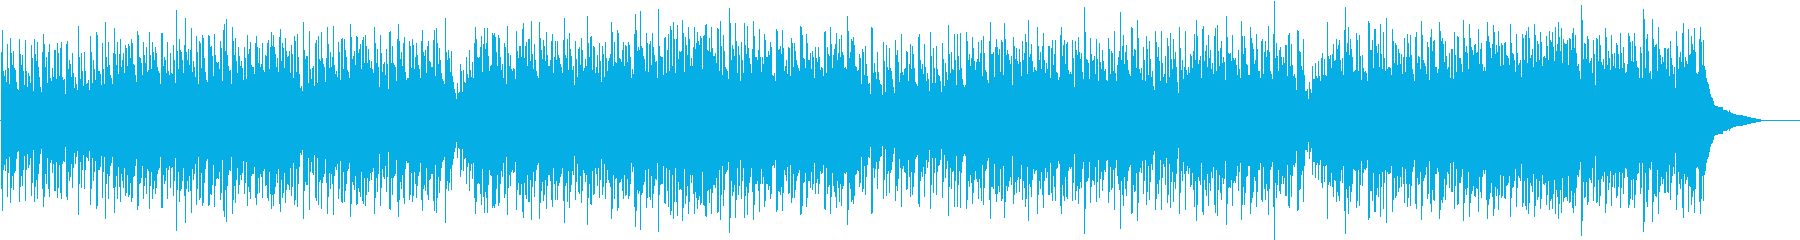 オールディーズな感じのさわやかBGMの再生済みの波形